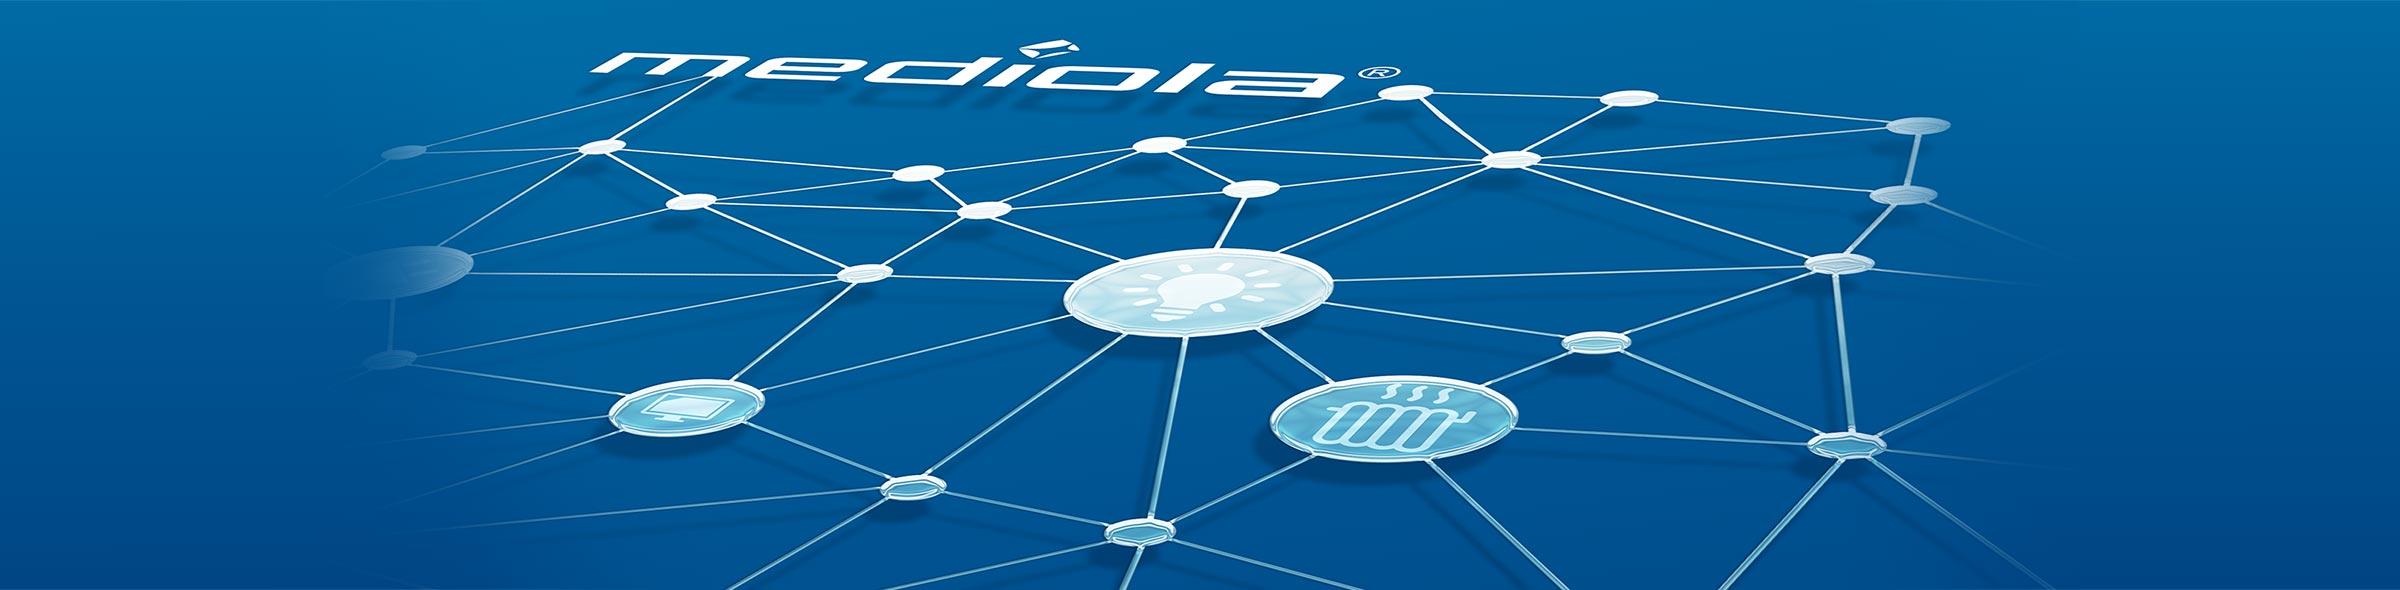 mediola Smart Home Netzwerk